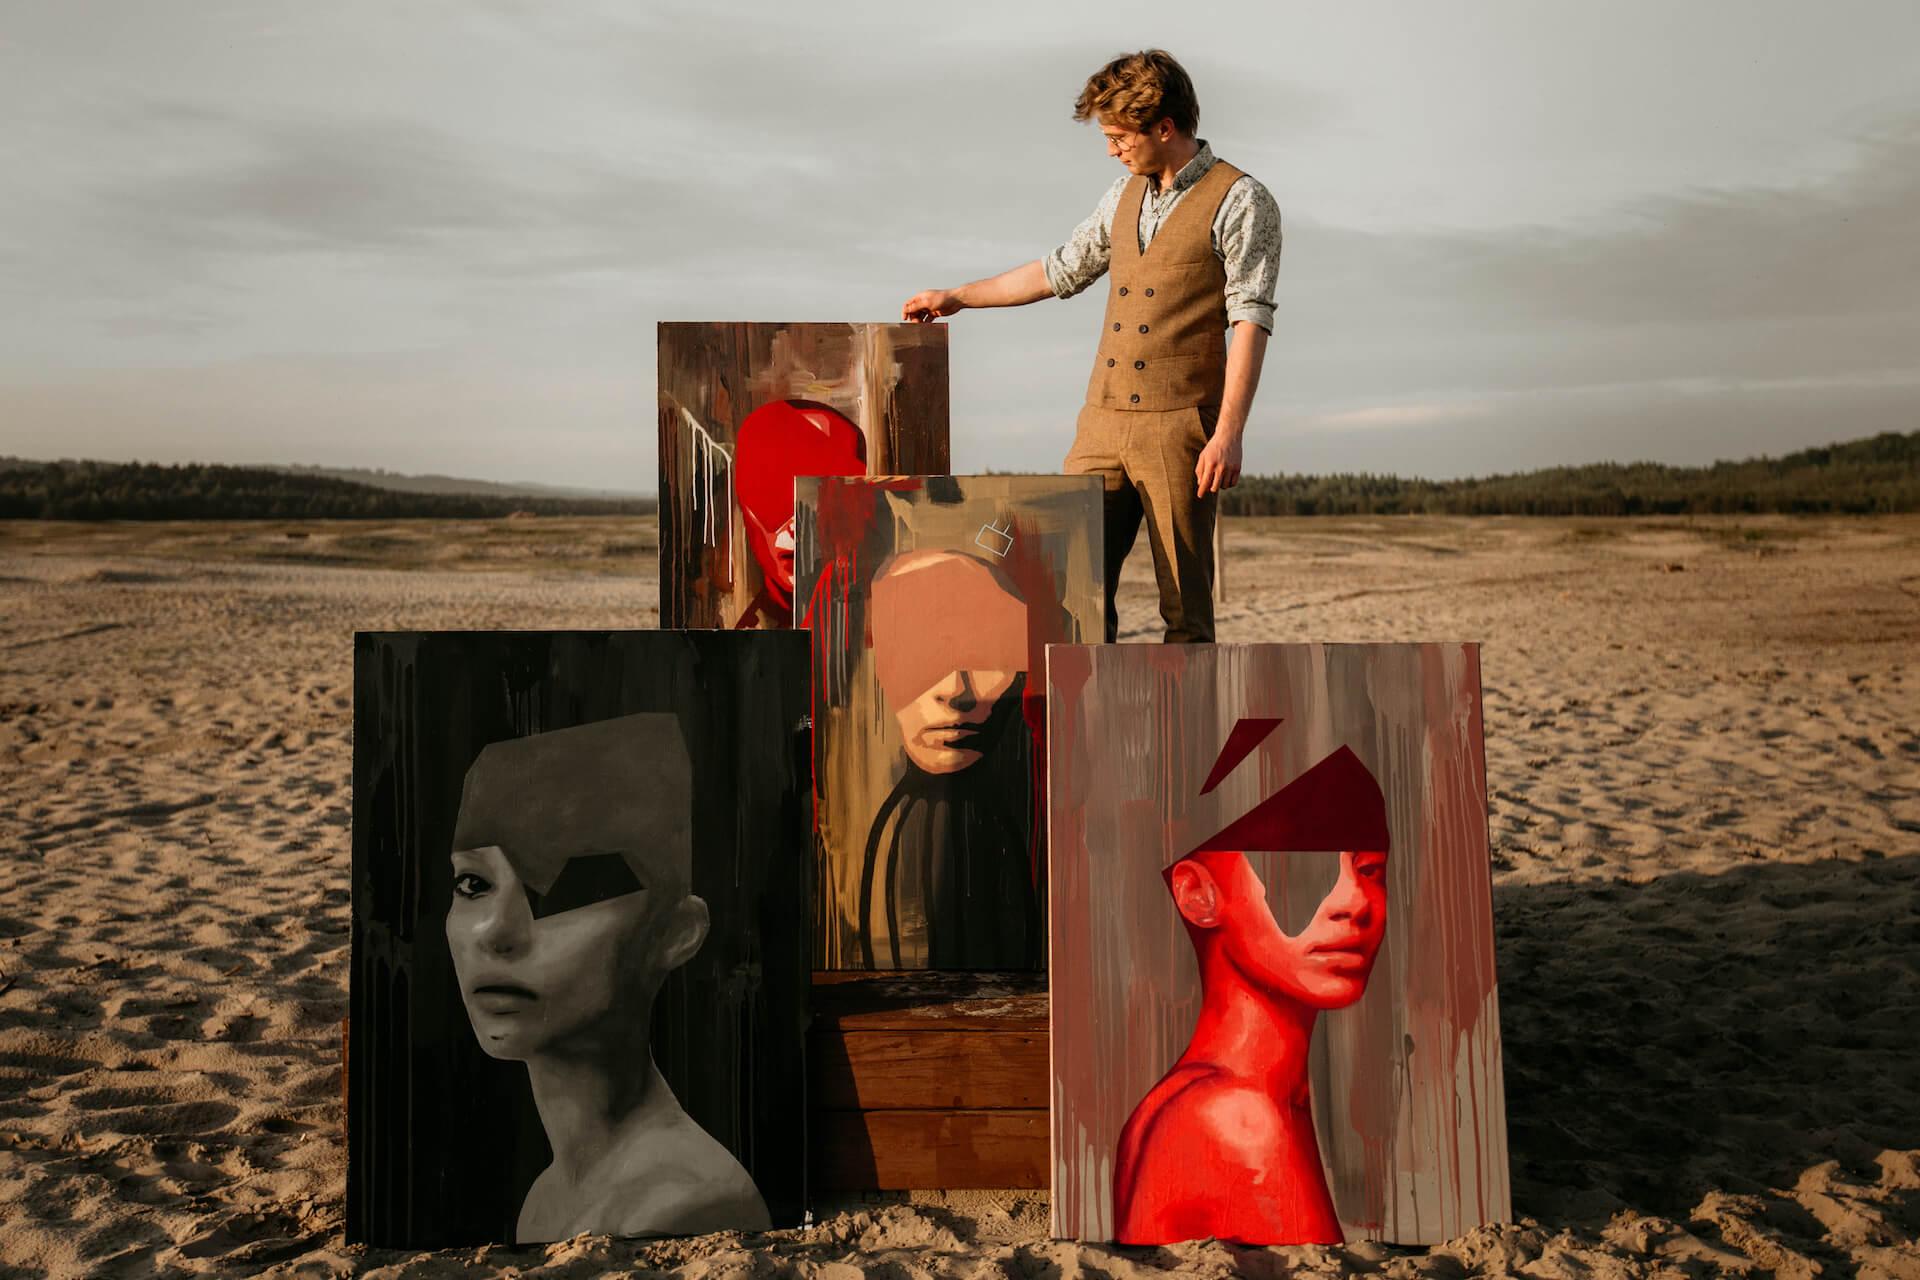 Malarz, artysta pozuję ze swoimi dziełami - Sesja biznesowa